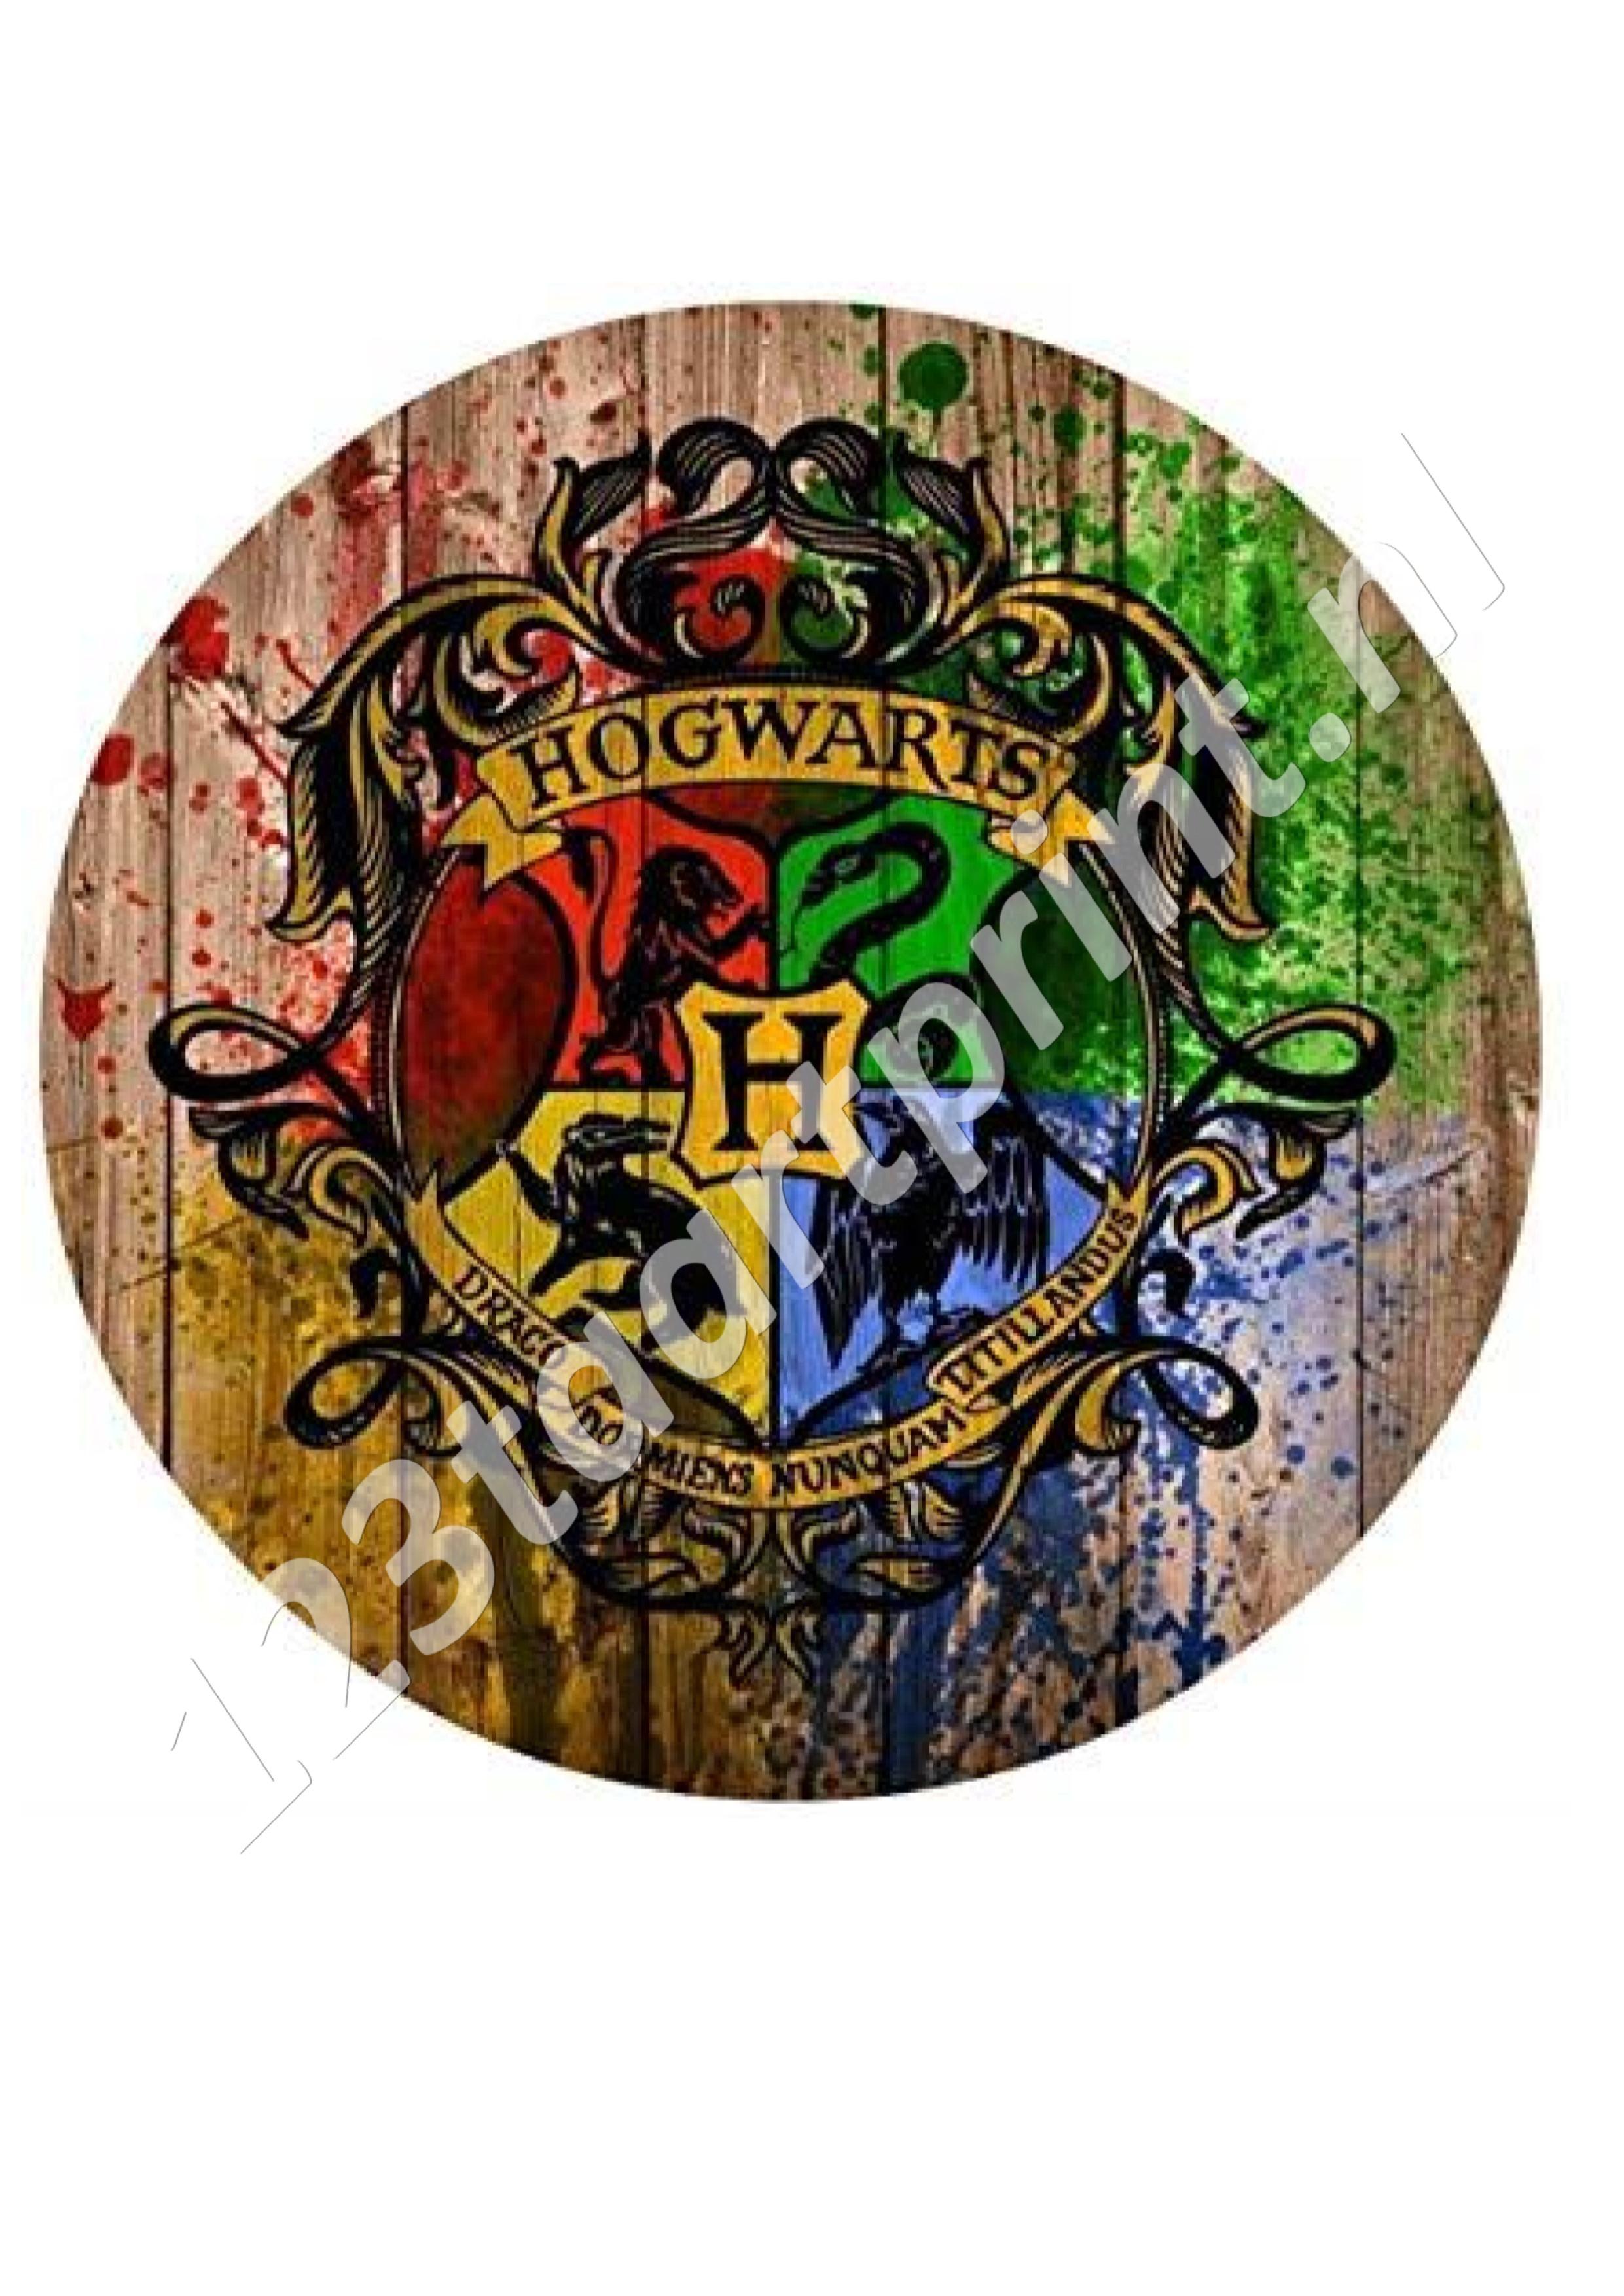 Harry Potter Hogwarts 1